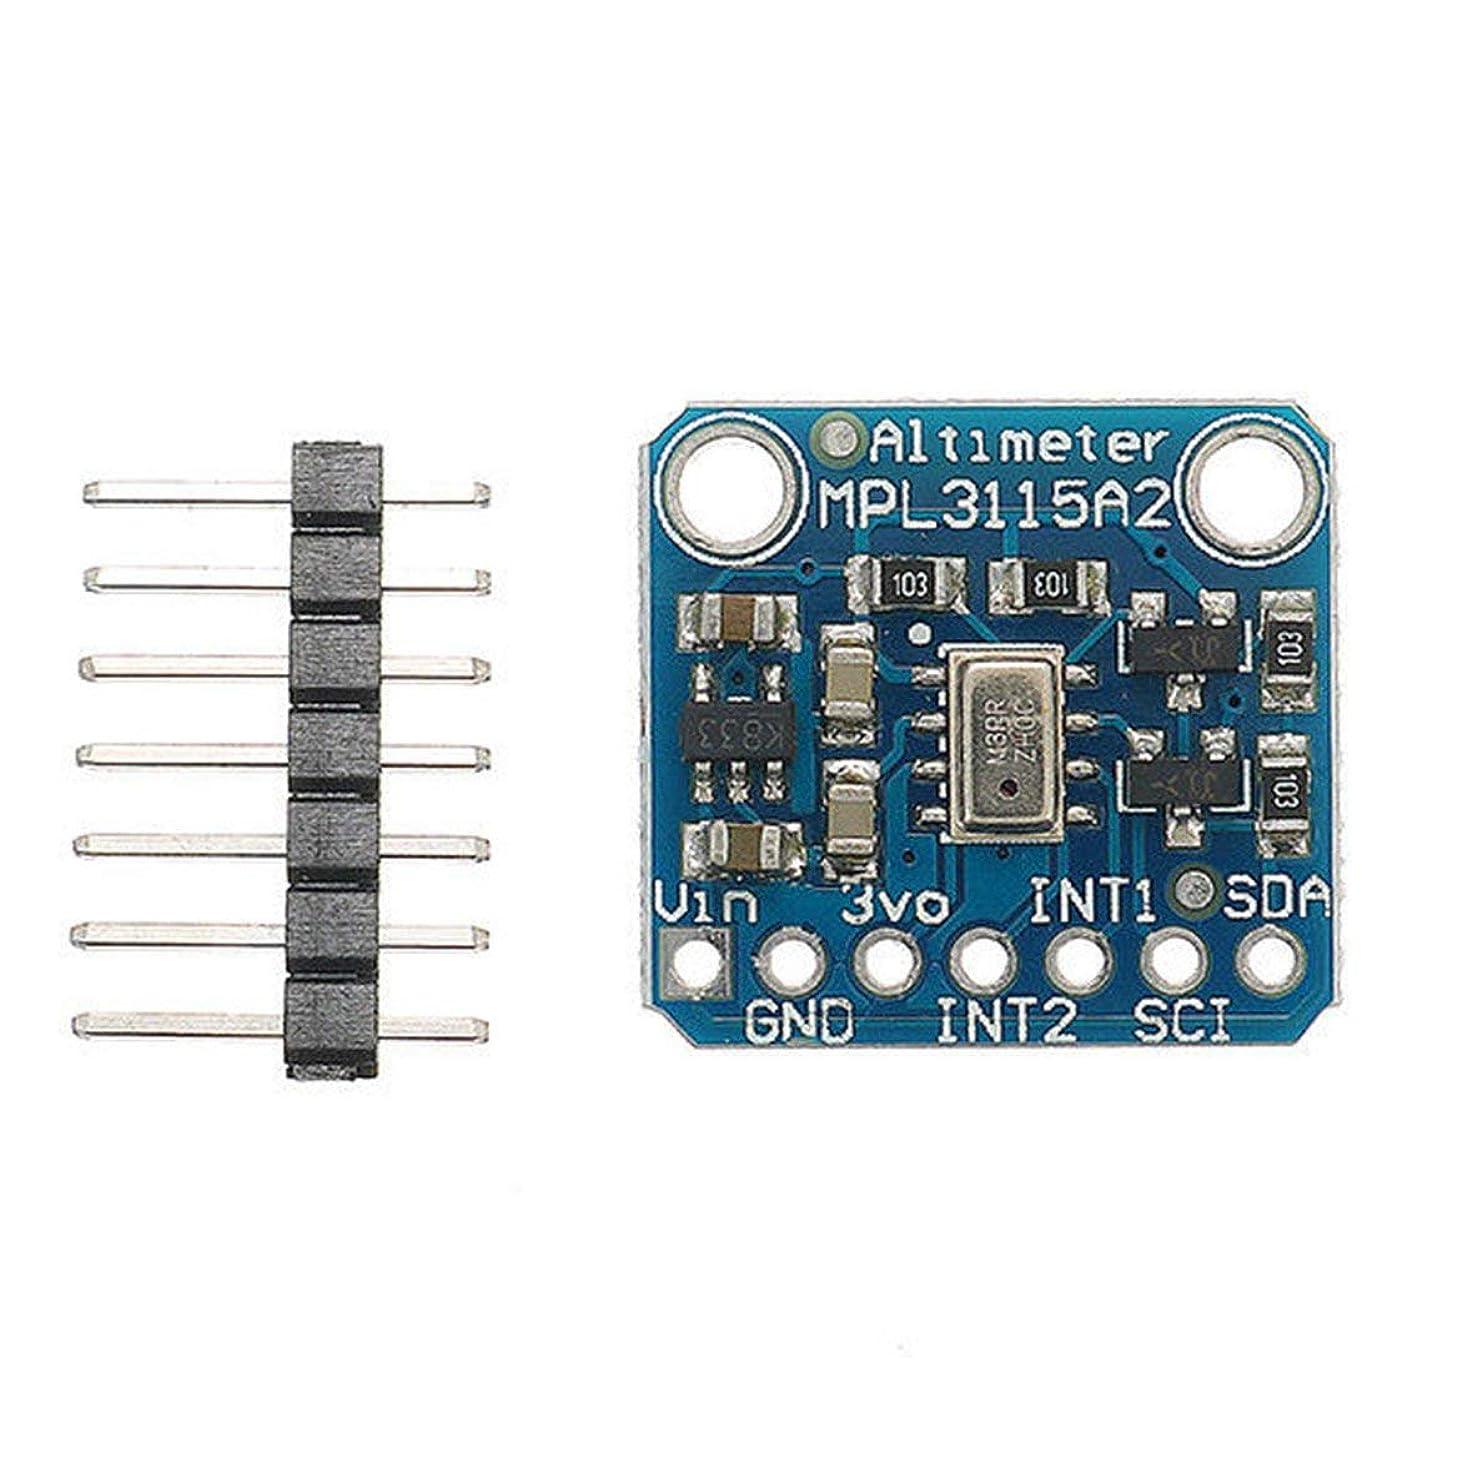 折り目ラリートーストMPL3115A2 Arduino用インテリジェント温度気圧高度センサーV2.0 - ダークブルー